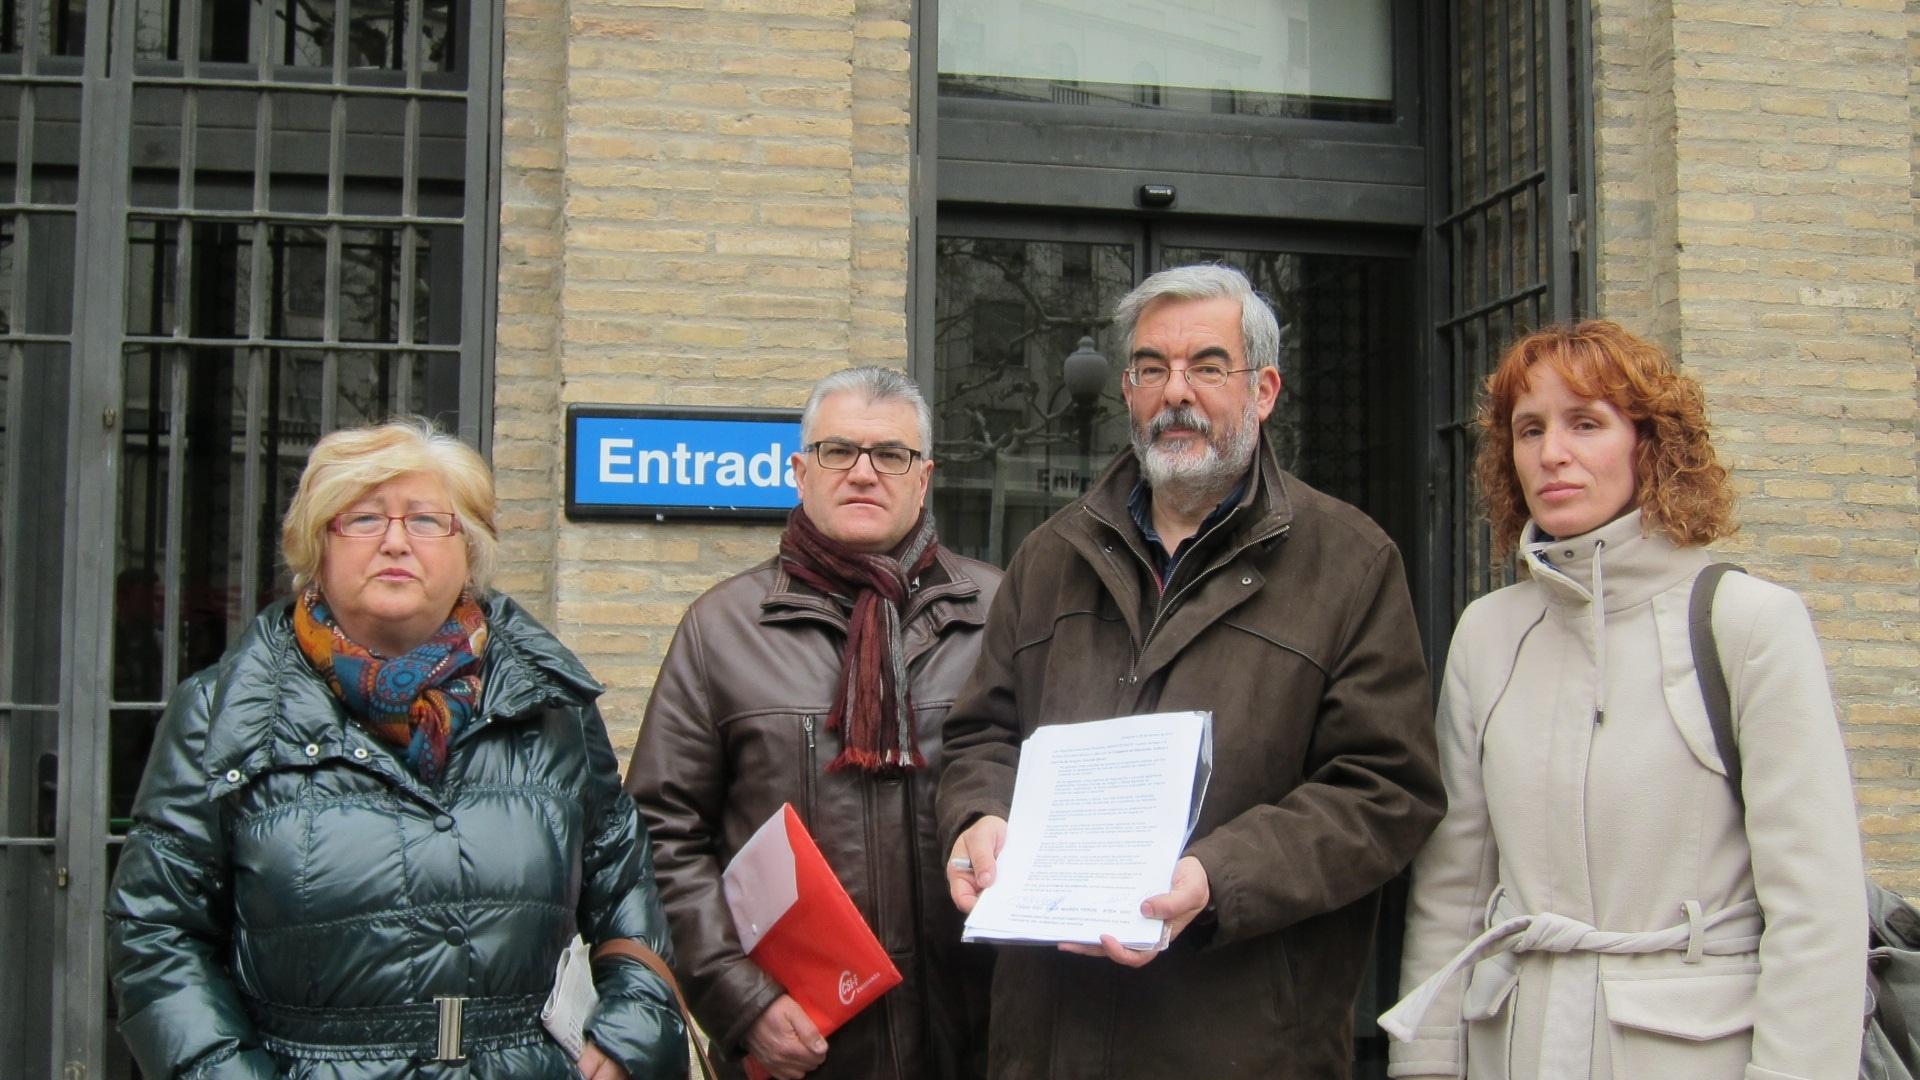 Sindicatos y Marea Verde entregan más de mil firmas pidiendo la dimisión de la consejera de Educación